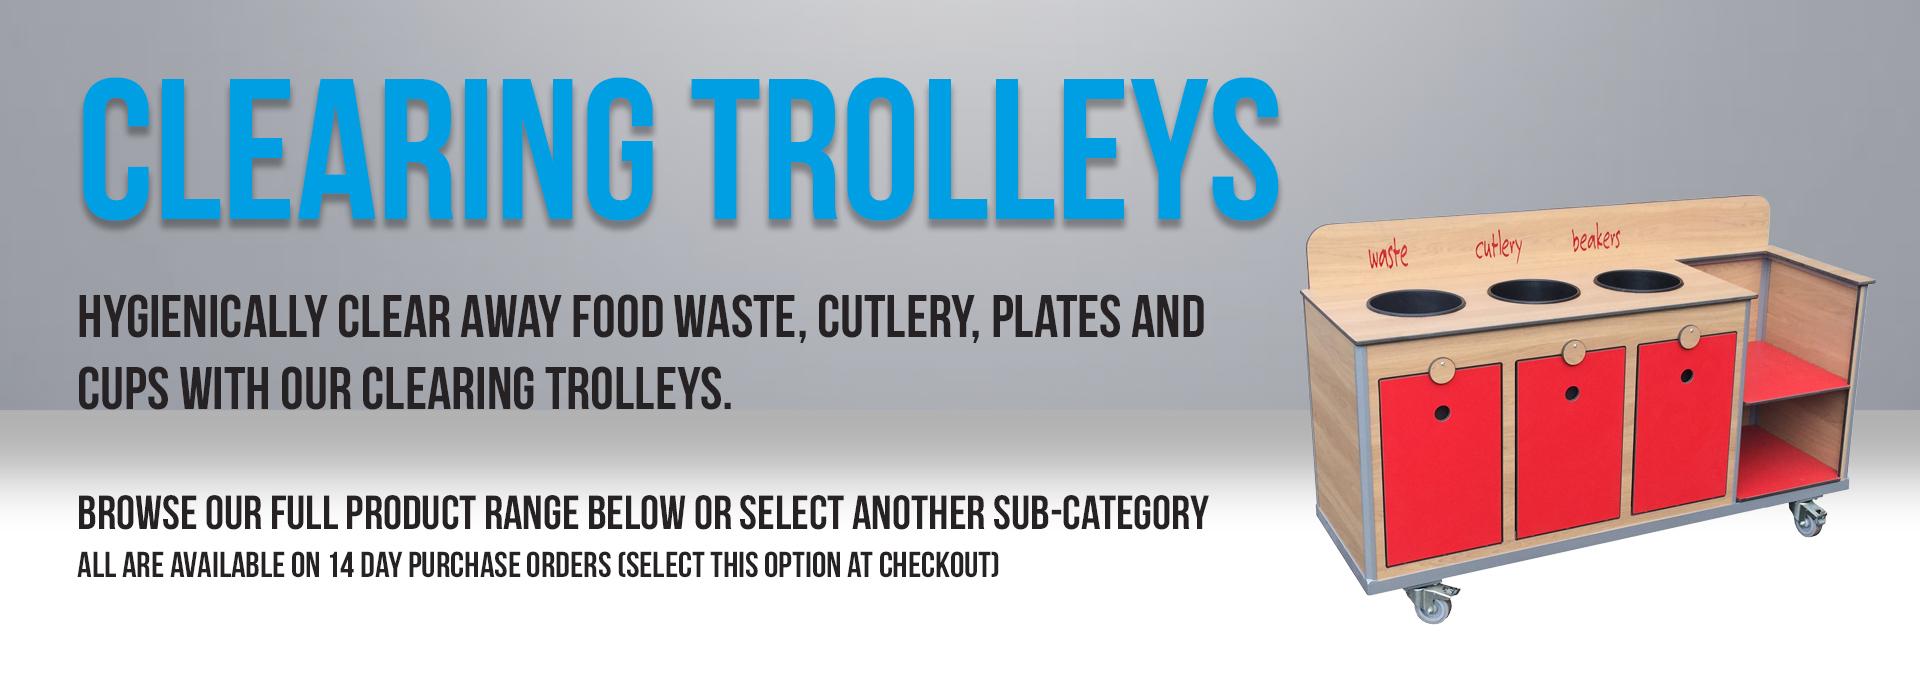 clearing-trolleys-banner.jpg